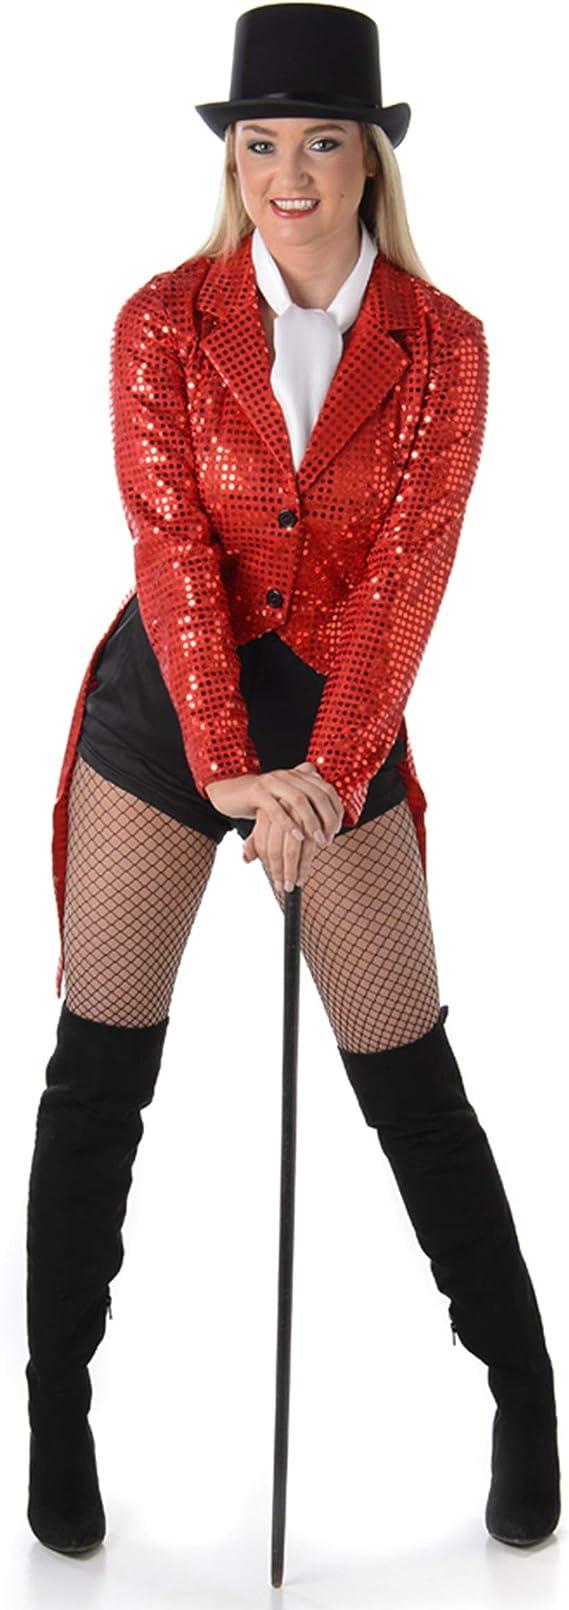 Generique Disfraz de Cabaret Rojo Mujer L: Amazon.es: Juguetes y ...